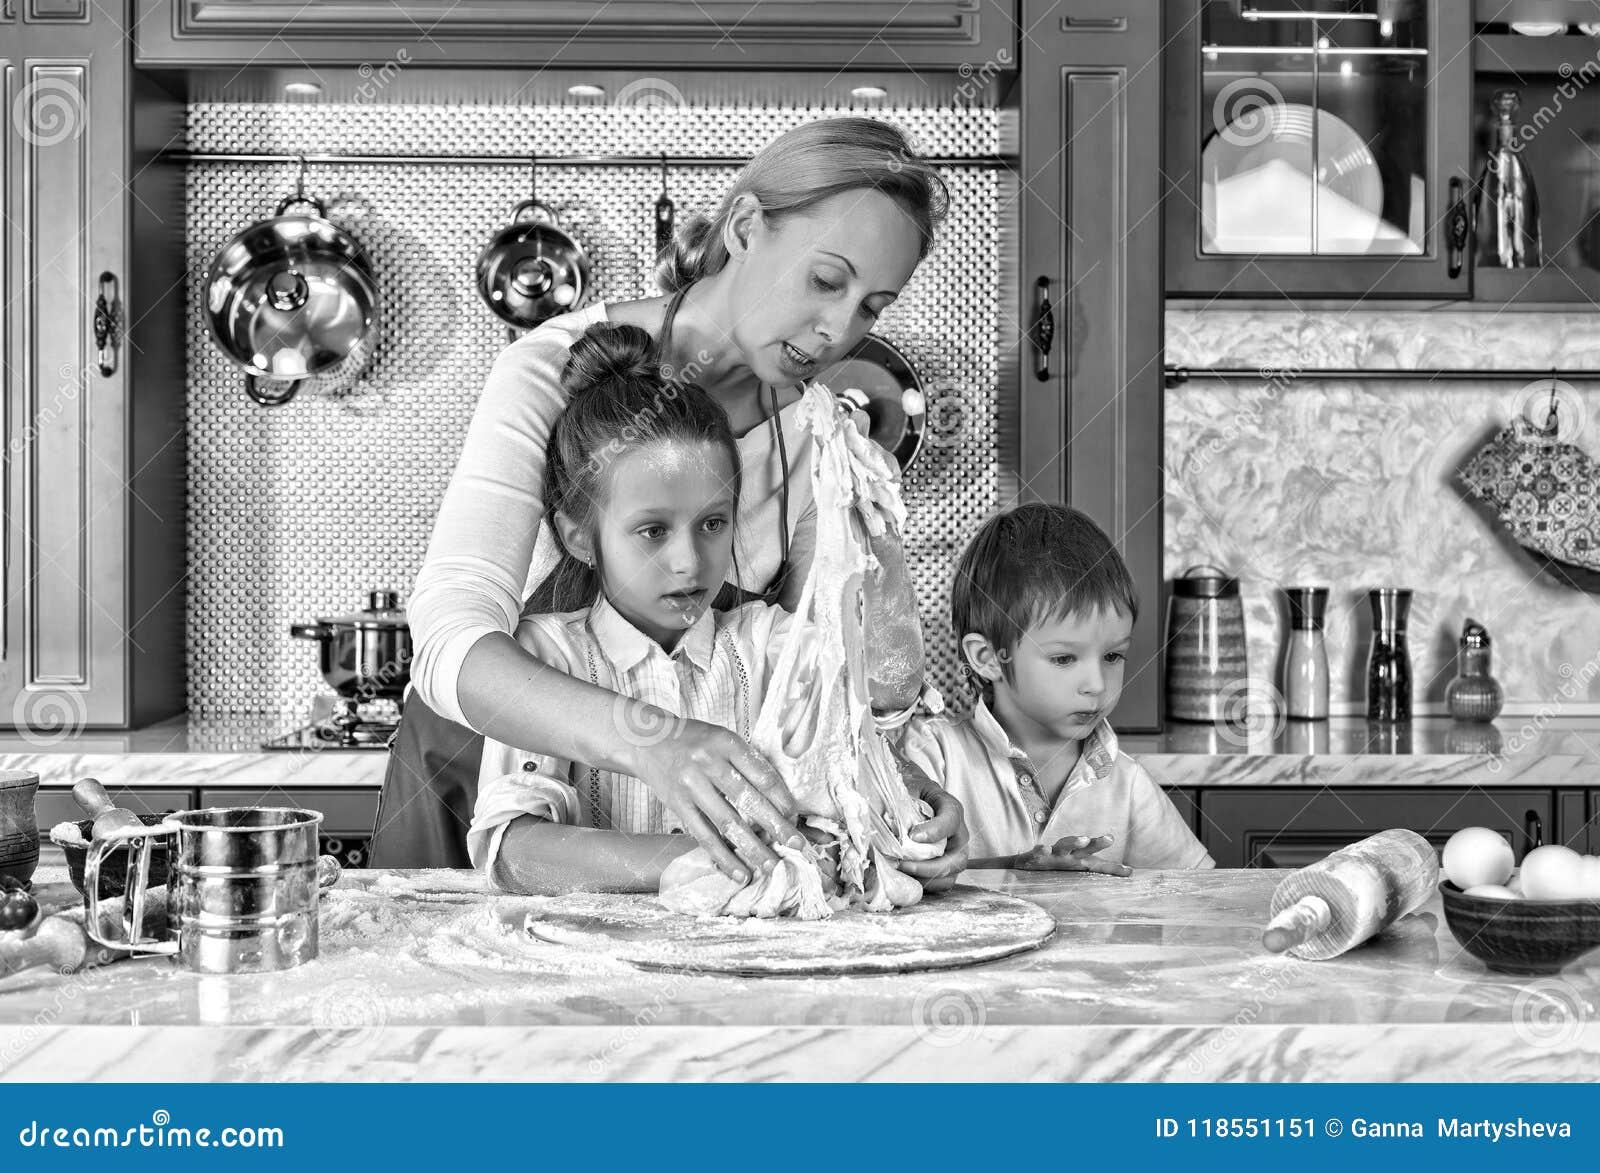 Czarny white dzień macierzysty s matka, kucharstwo, ciasto, przygotowanie, pieczenie, dzieci w domu, kuchnia dziecka ojca zabawa